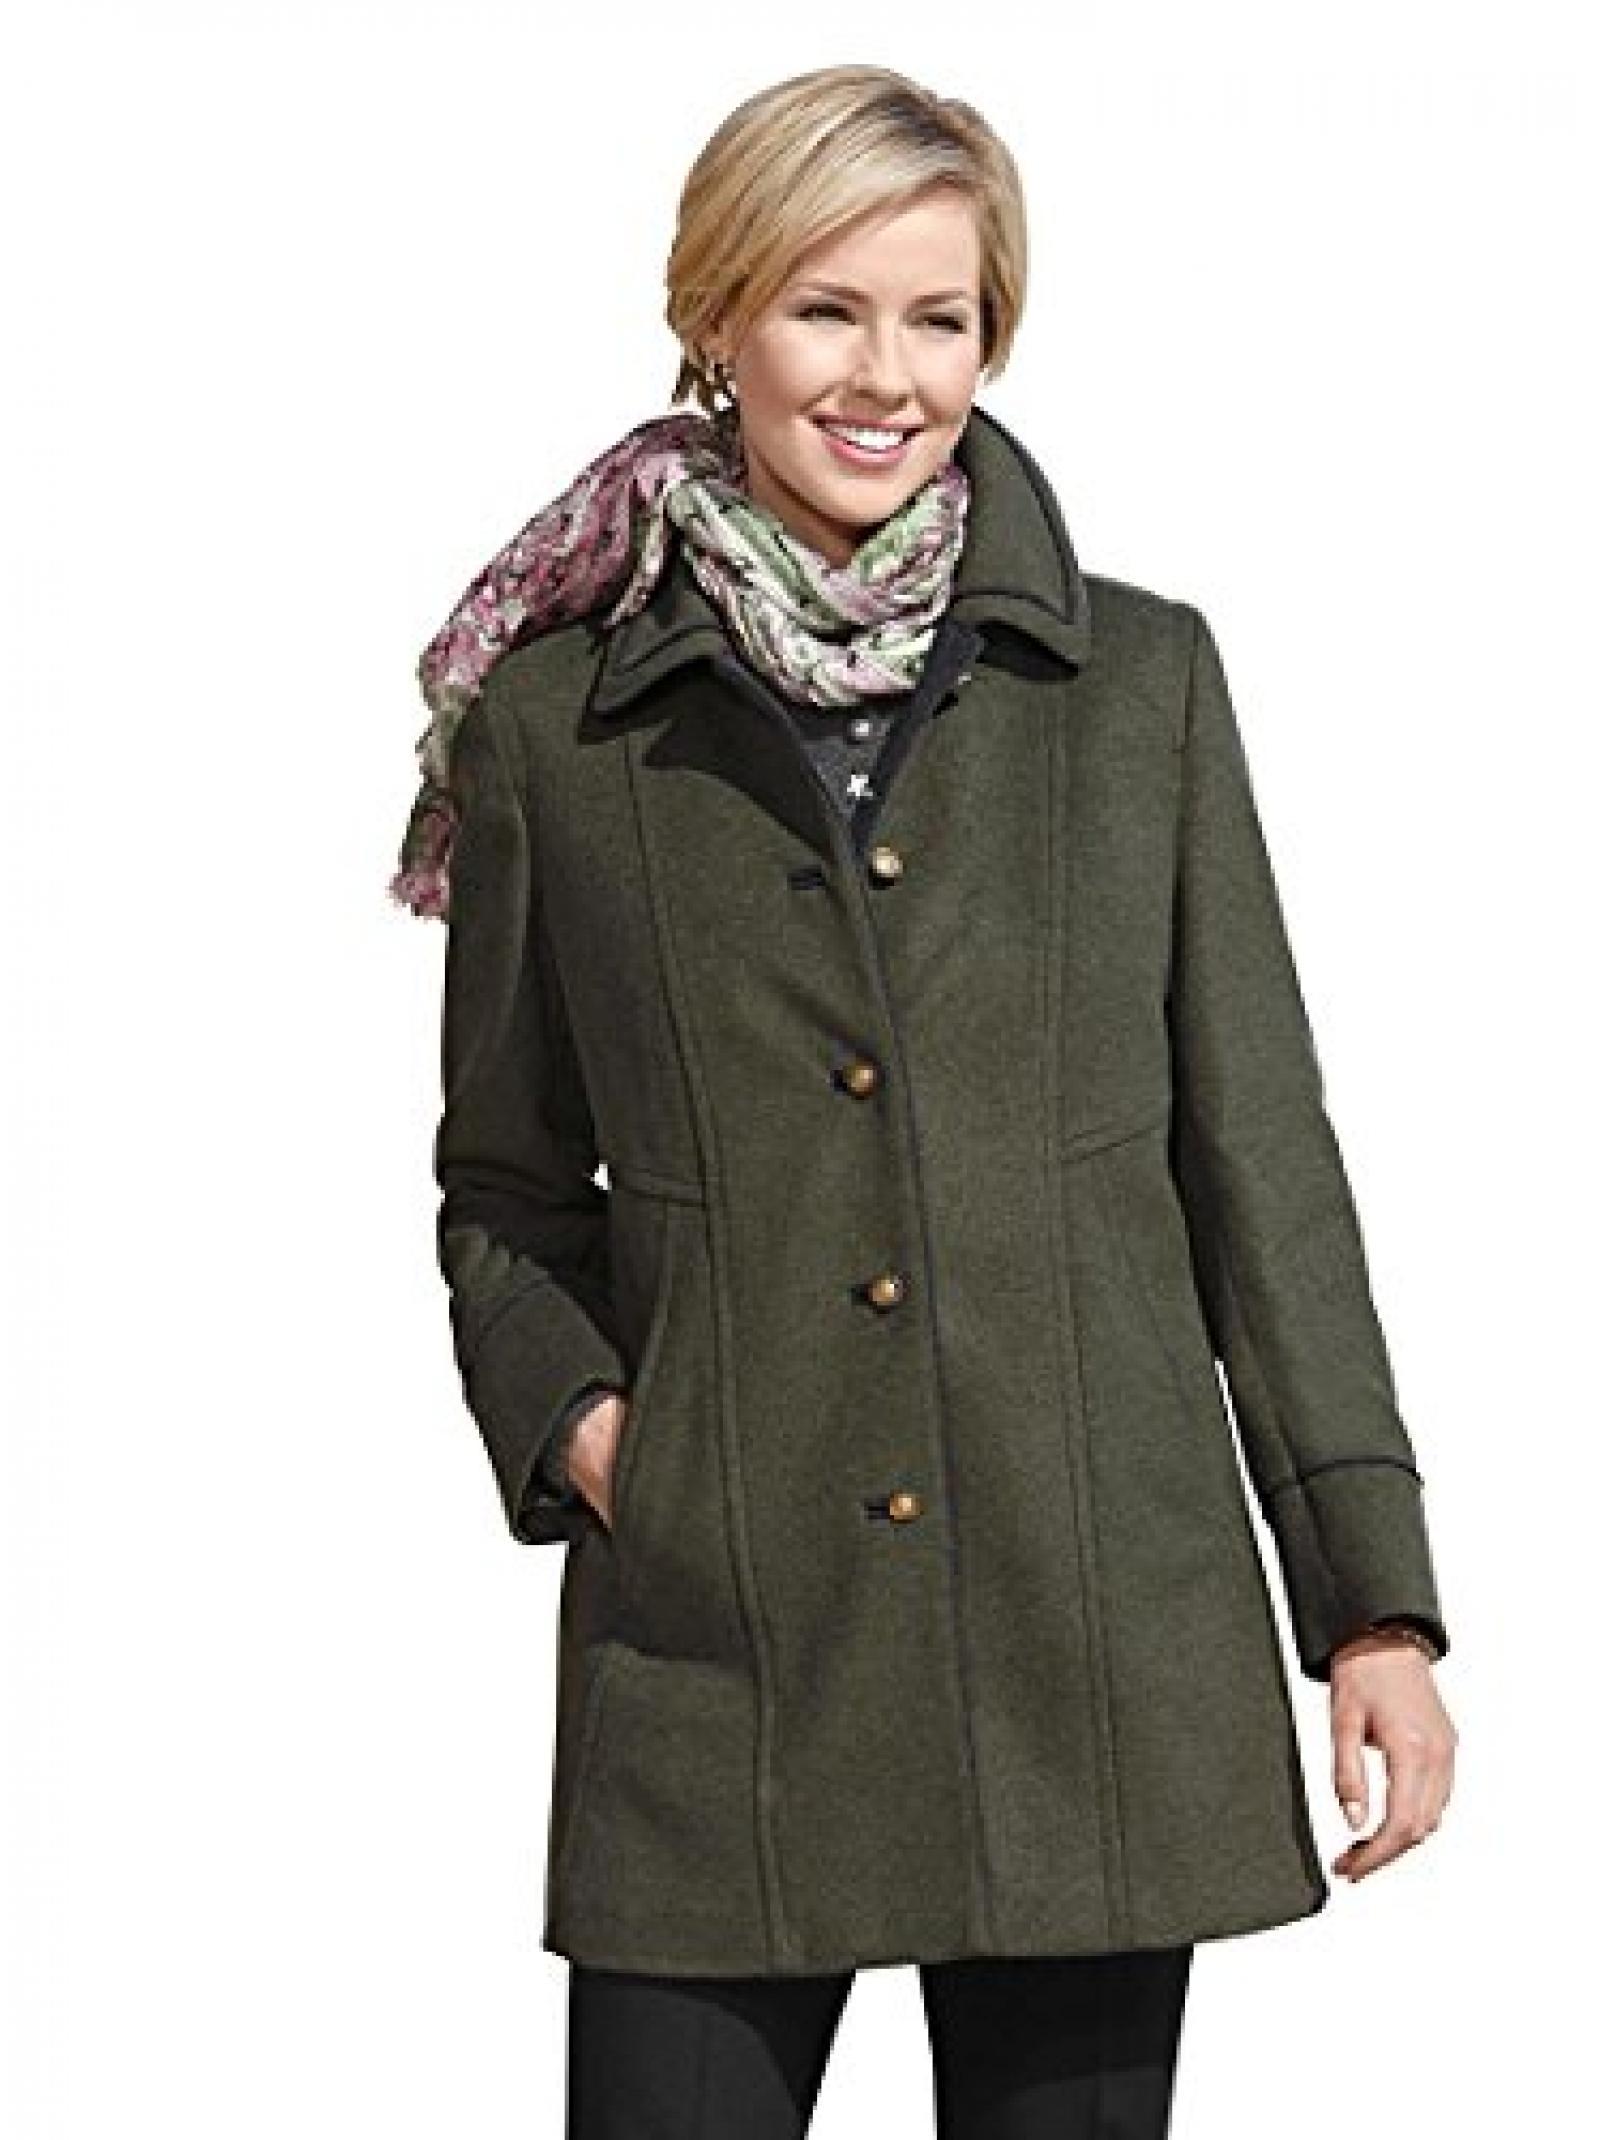 Damen-Loden-Jacke - grün-meliert - Witt Weiden - 322656